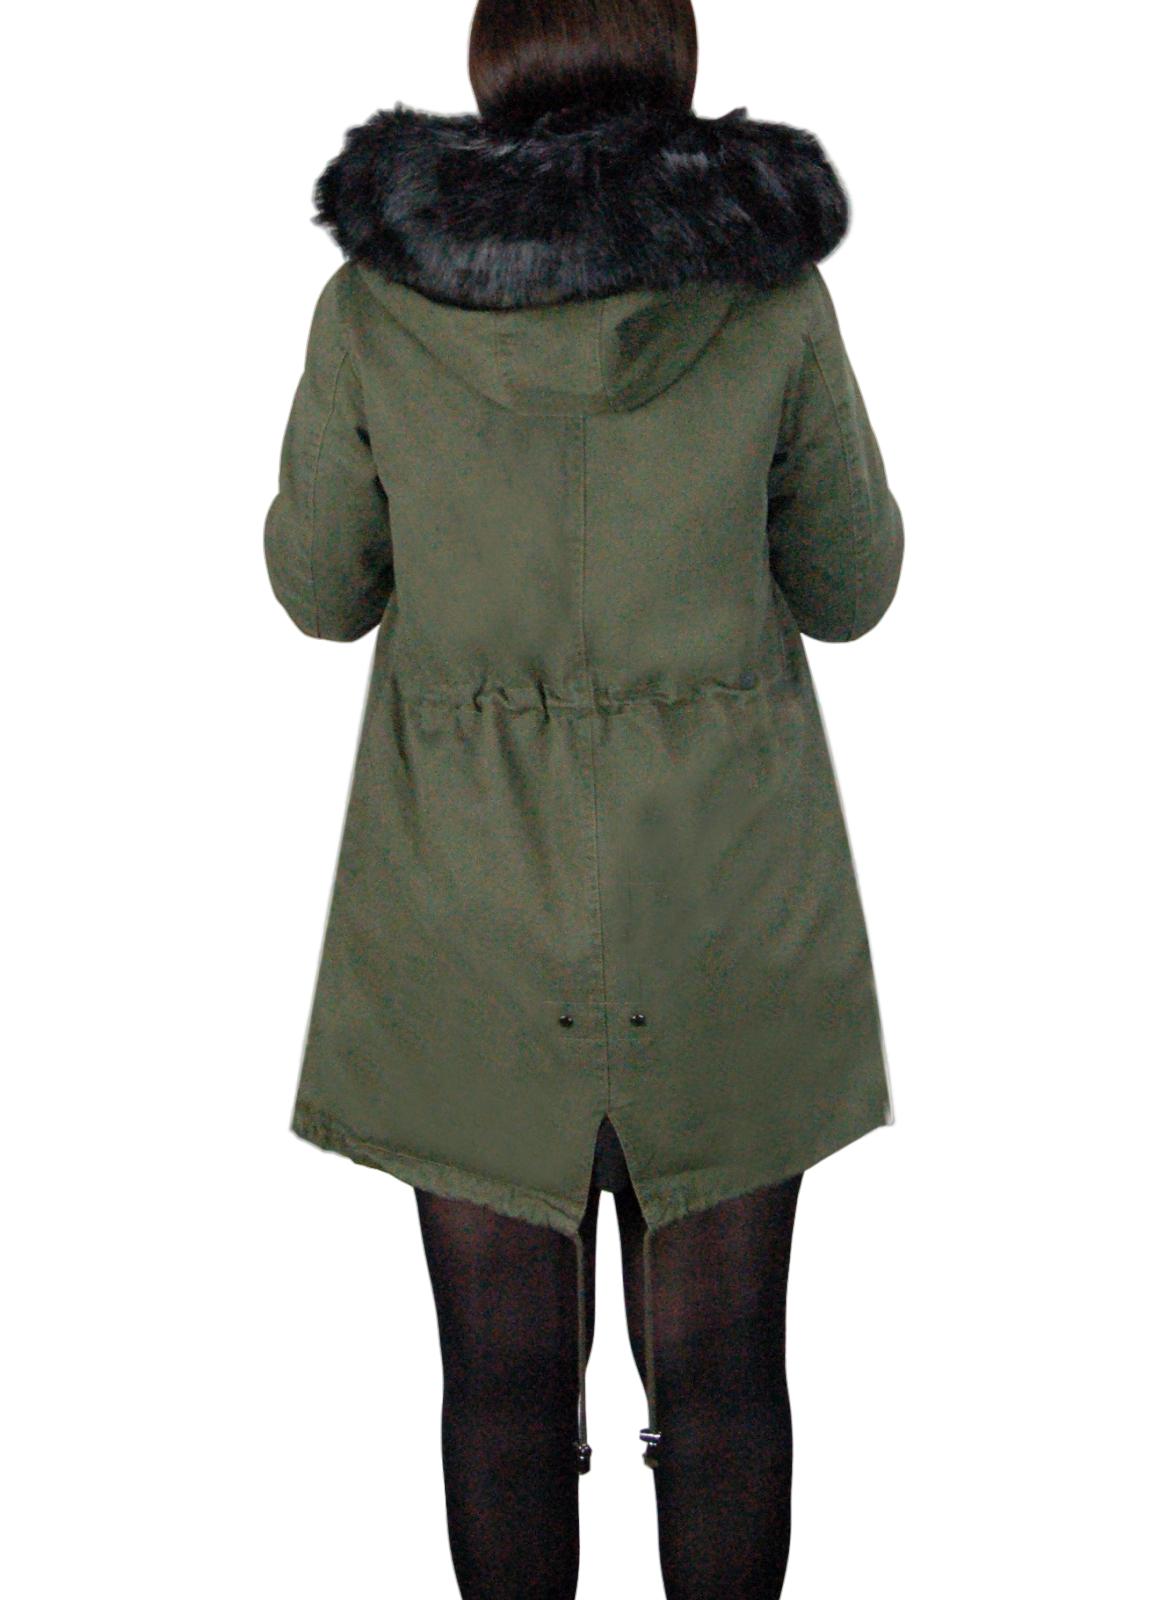 Parka-Donna-Invernale-Giubbotto-cappuccio-pelliccia-Cappotto-Imbottito-Lungo miniatura 15